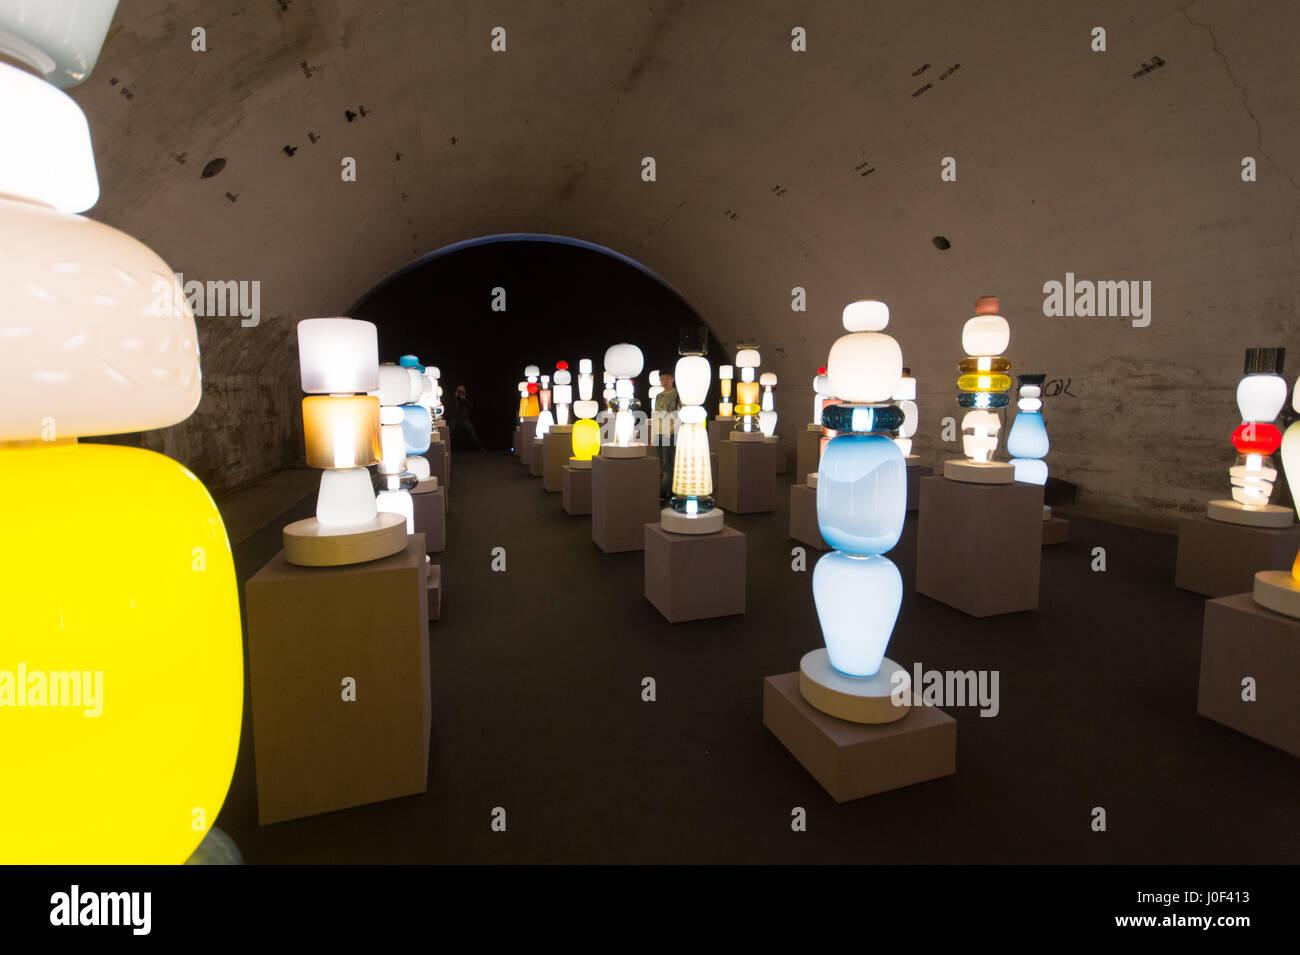 Lighting Fixtures Stockfotos & Lighting Fixtures Bilder - Alamy